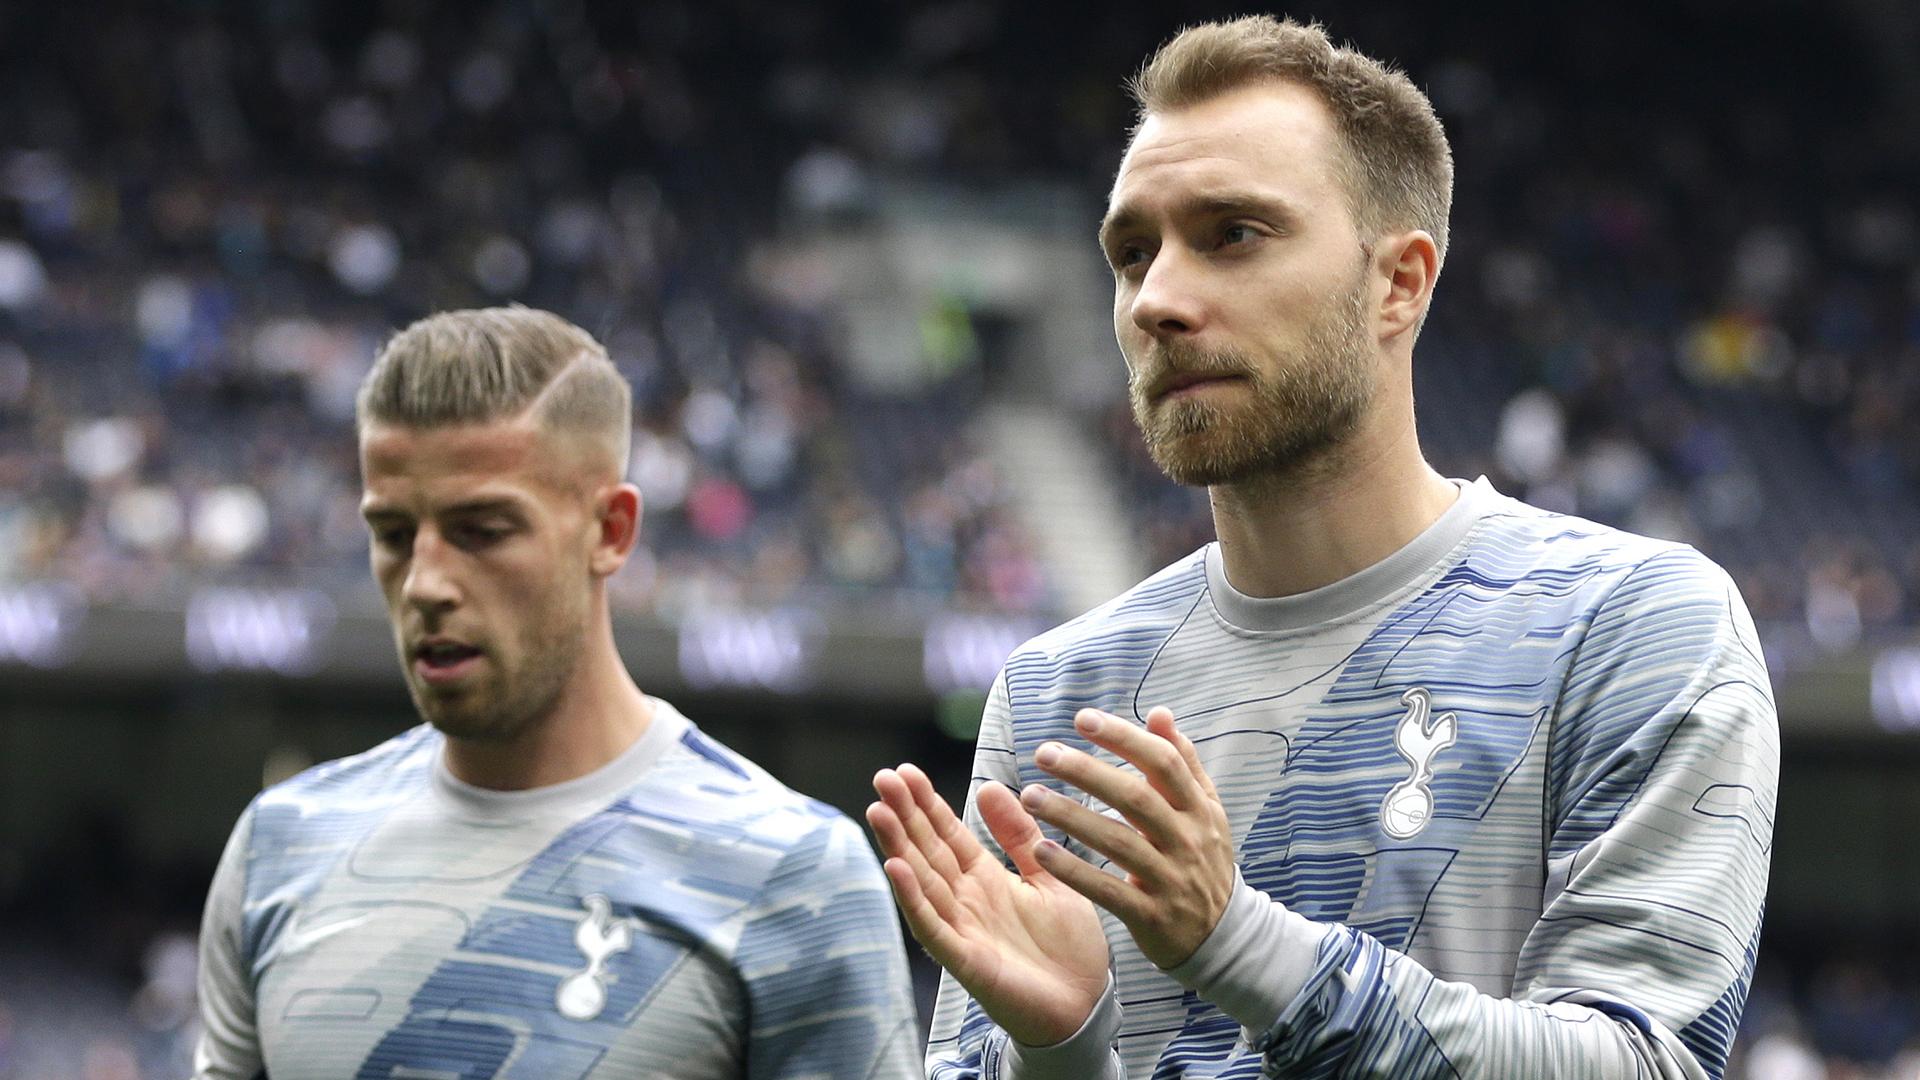 Mercato - Real Madrid : Christian Eriksen proposé pour 25 M¬ par Tottenham ?